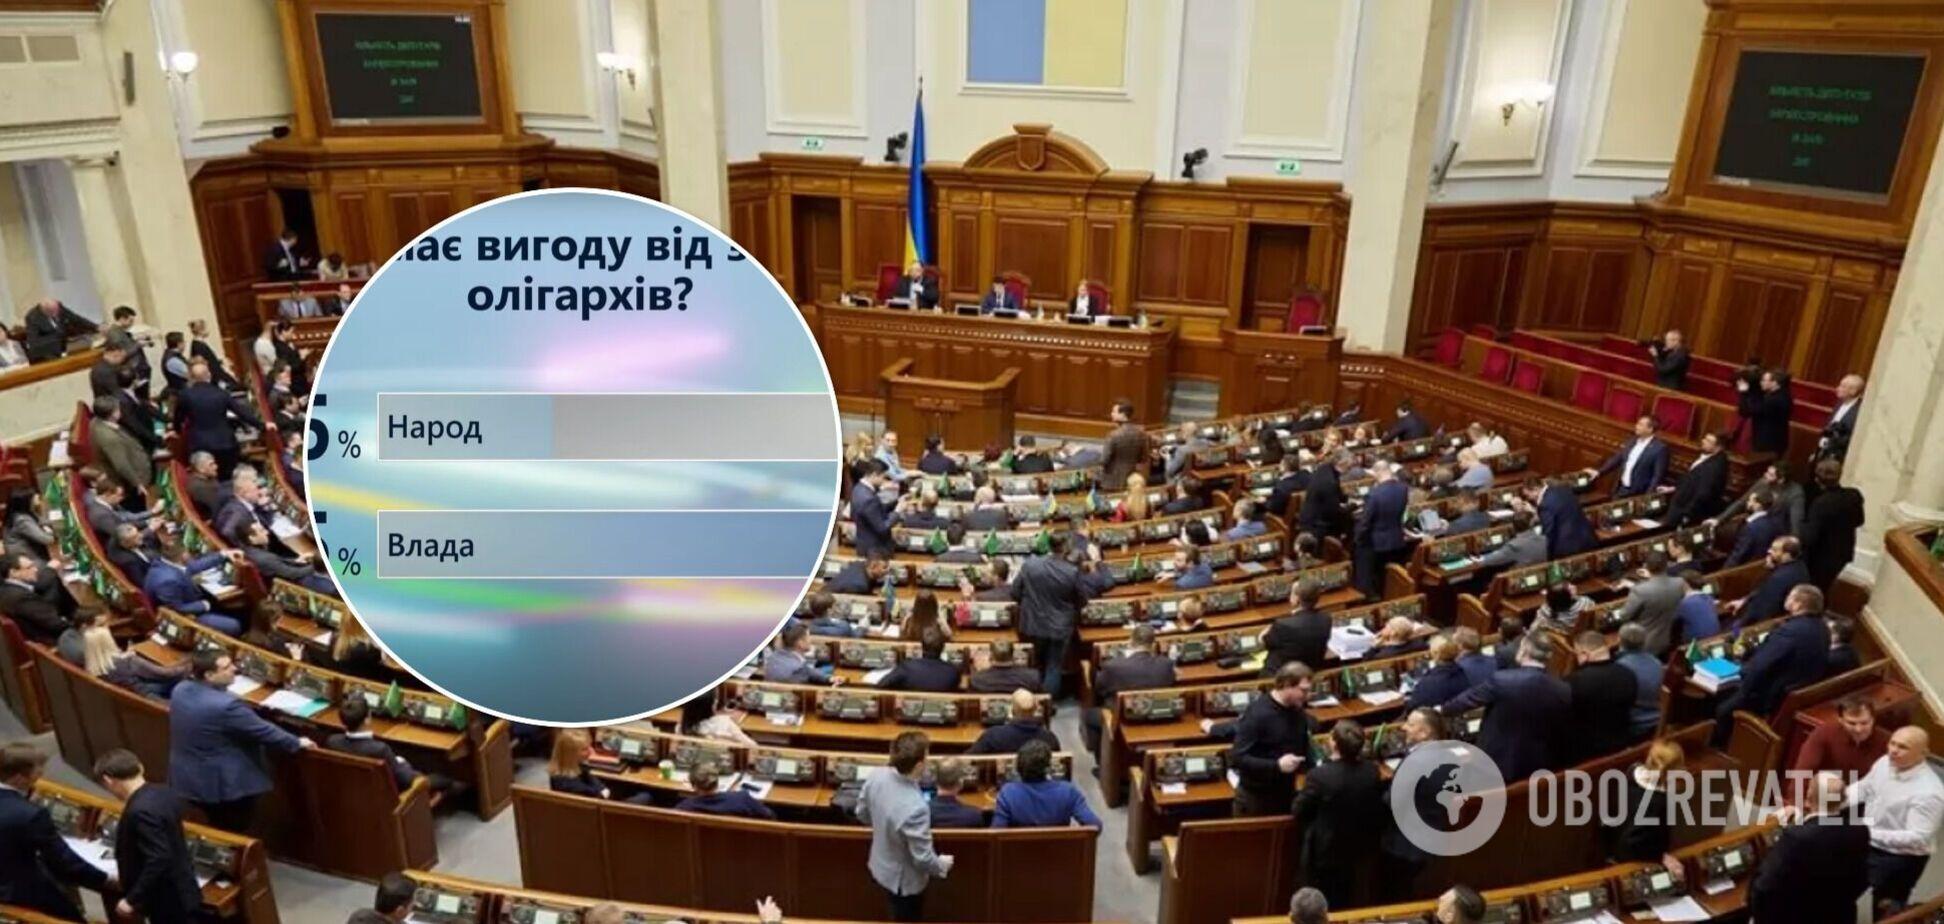 Власти или народу: украинцы высказались, кому больше выгоден законопроект об олигархах